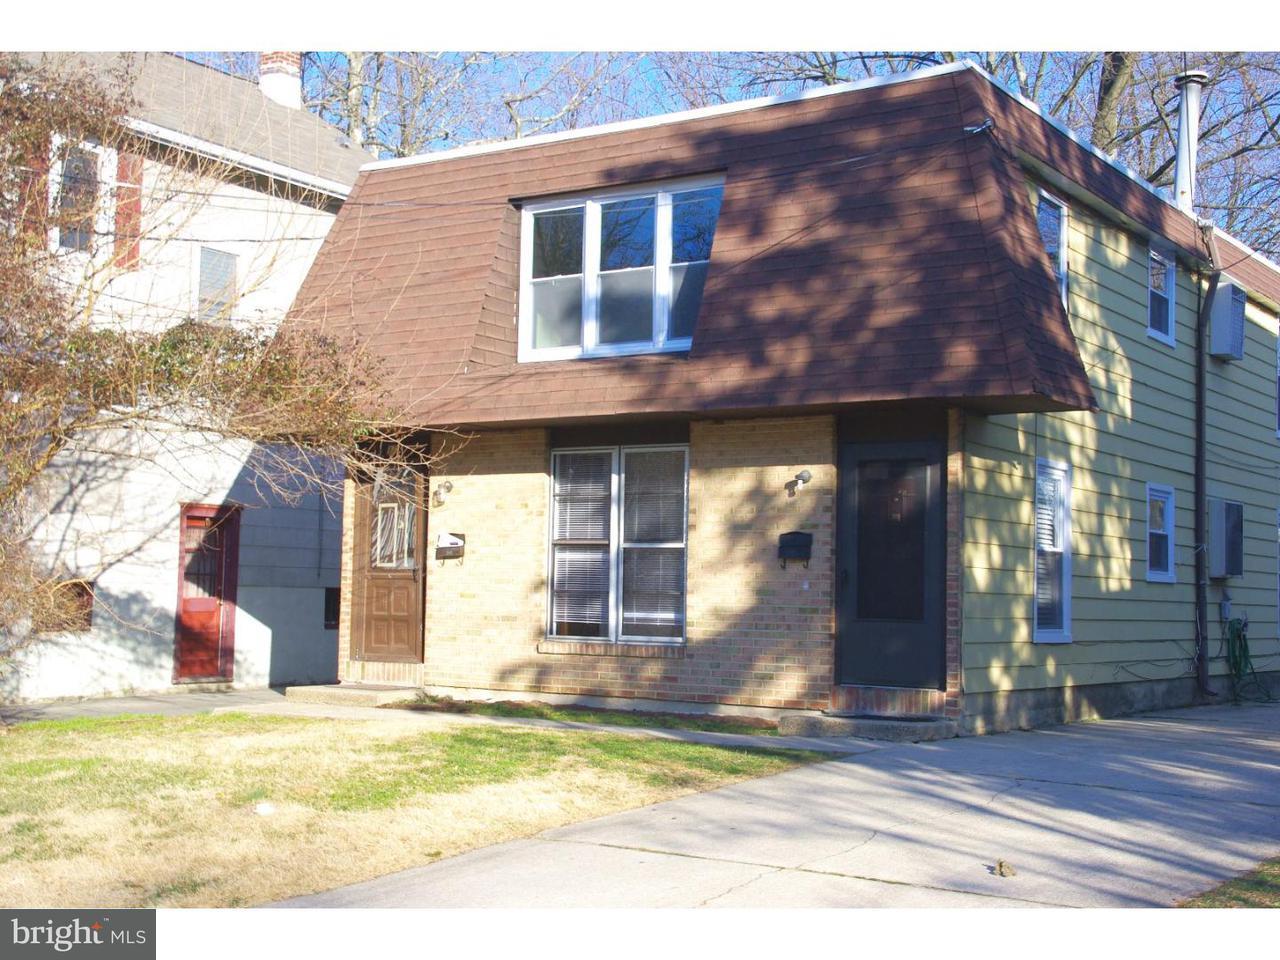 Casa unifamiliar adosada (Townhouse) por un Alquiler en 12 W WAYNE TER Collingswood, Nueva Jersey 08108 Estados Unidos